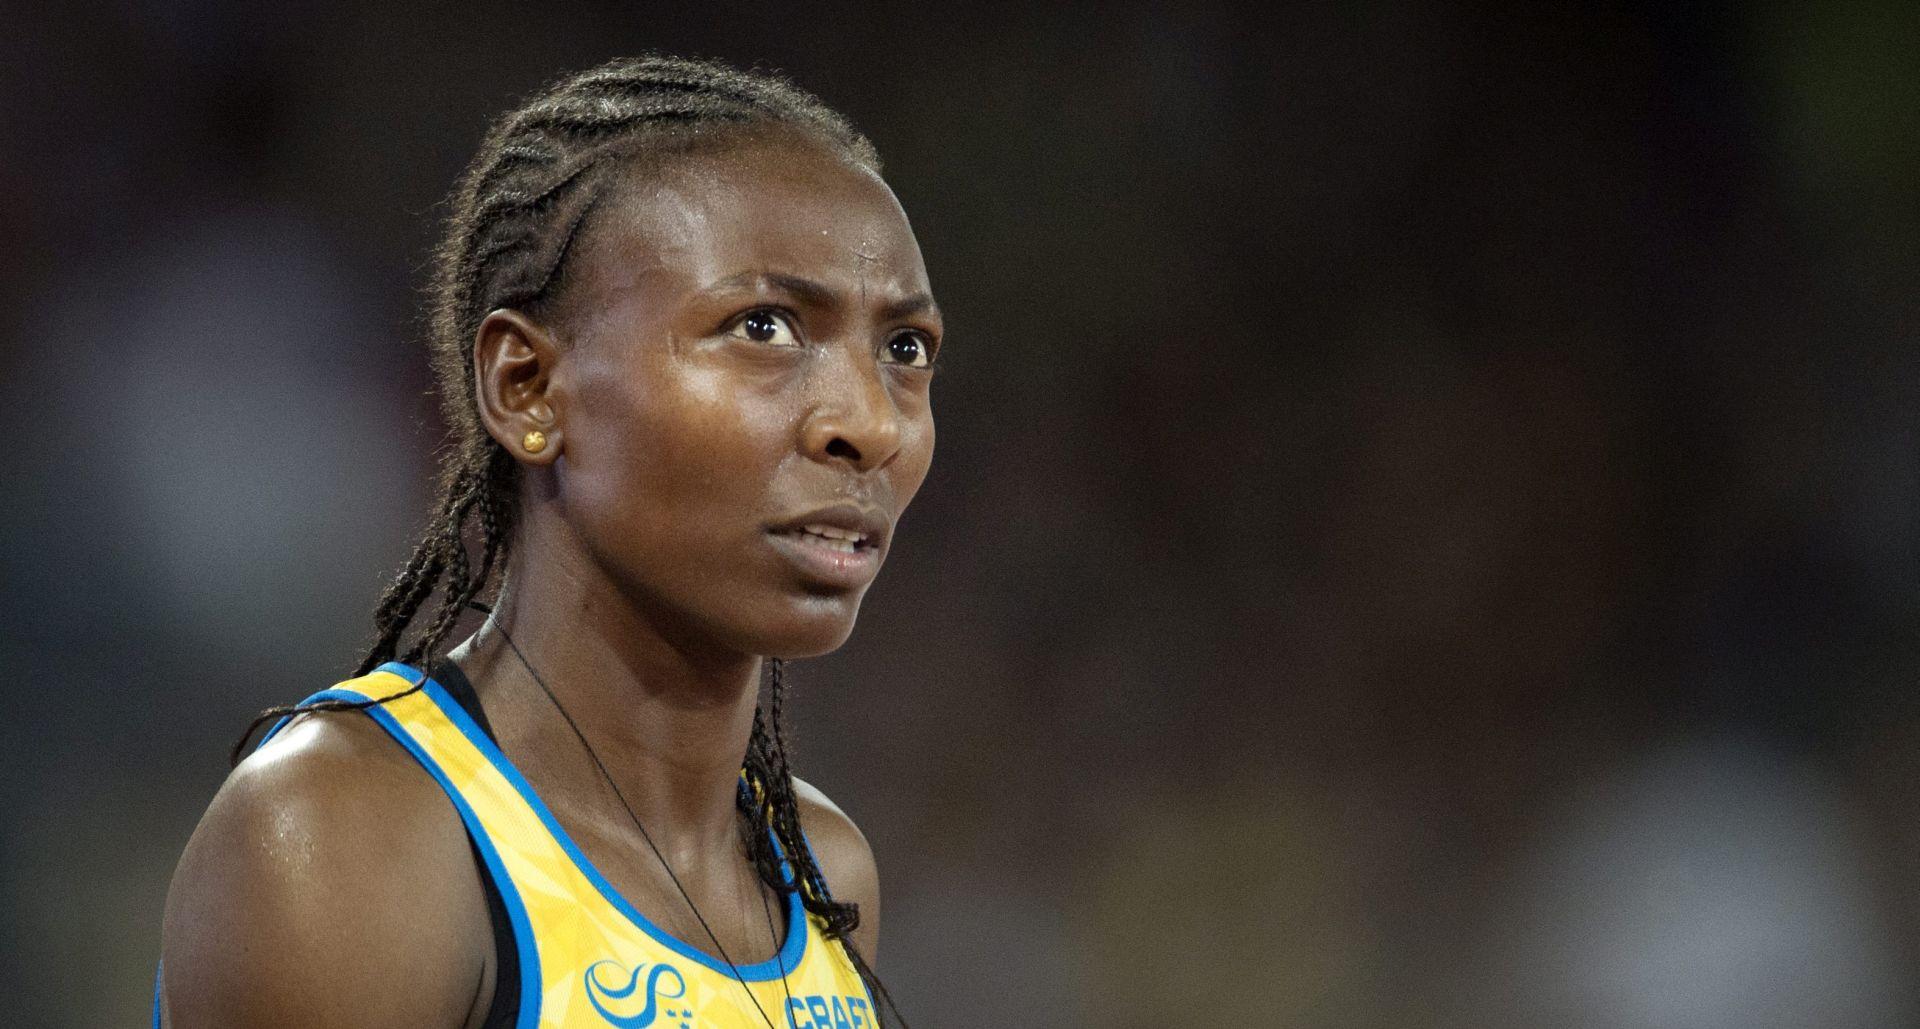 ČEKA SE NALAZ B UZORKA Svjetska prvakinja Abeba Aregawi suspendirana zbog dopinga